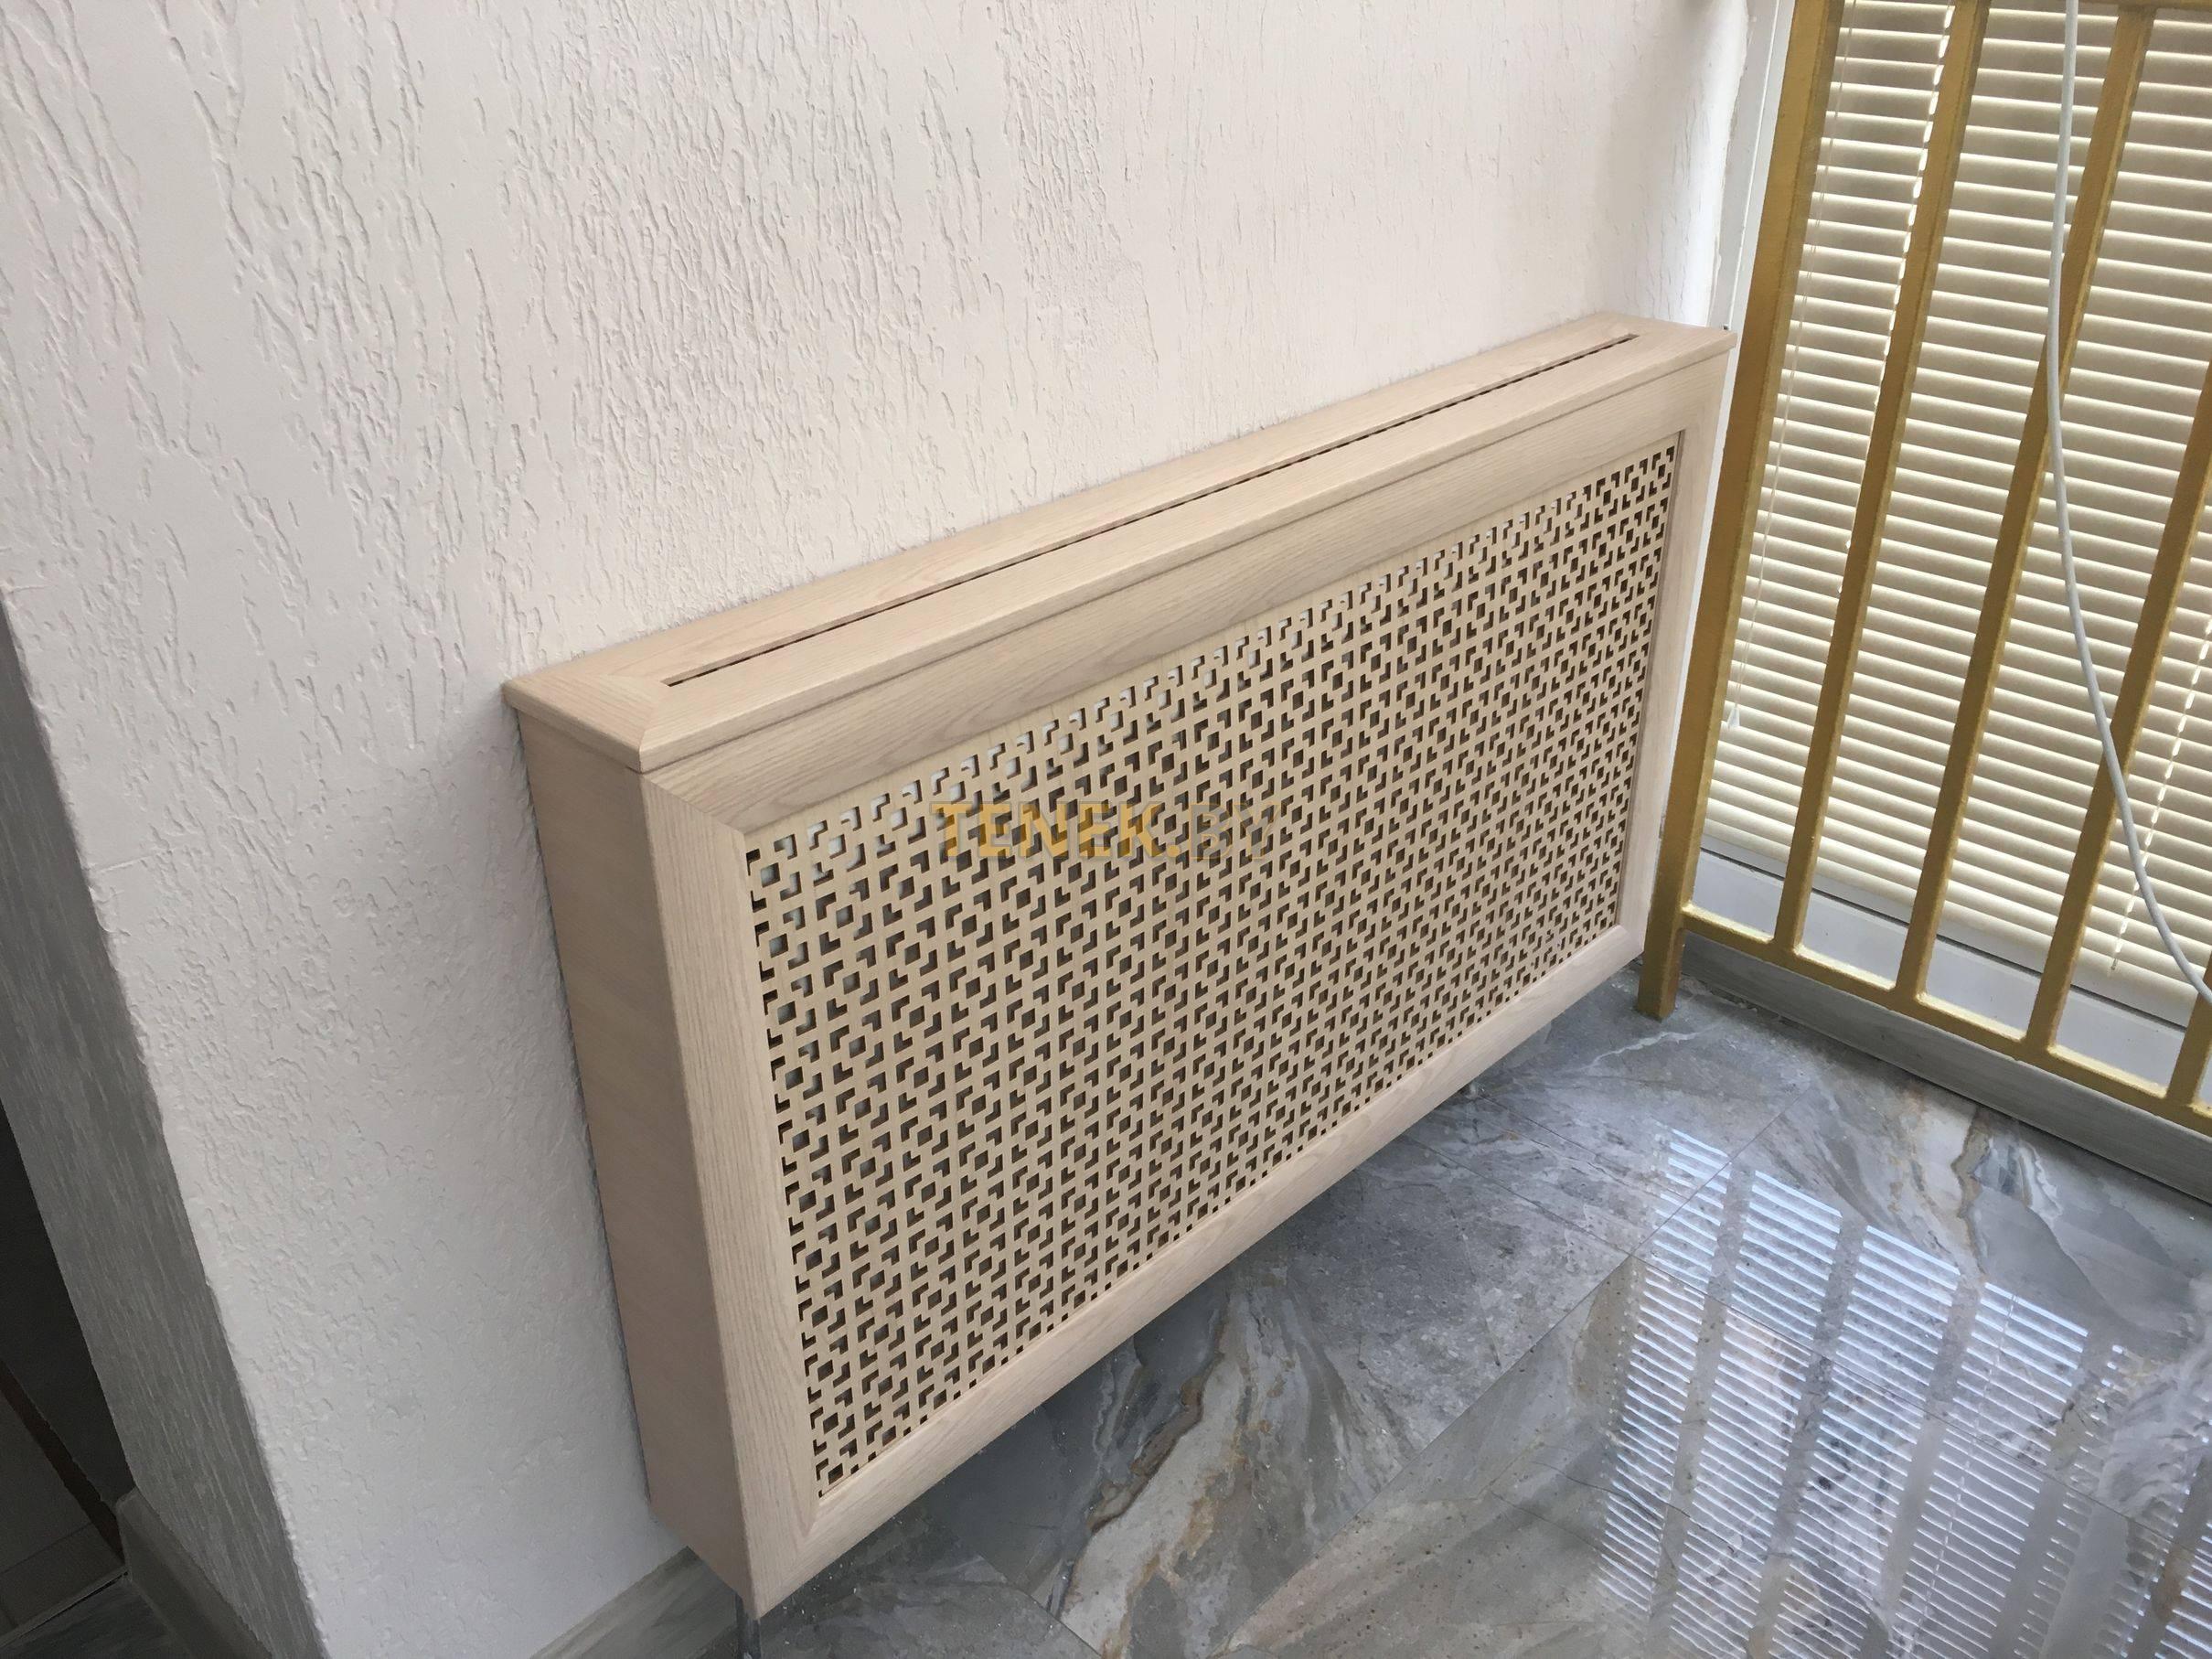 Экраны на радиаторы отопления: защитные и декоративные, фото и видео